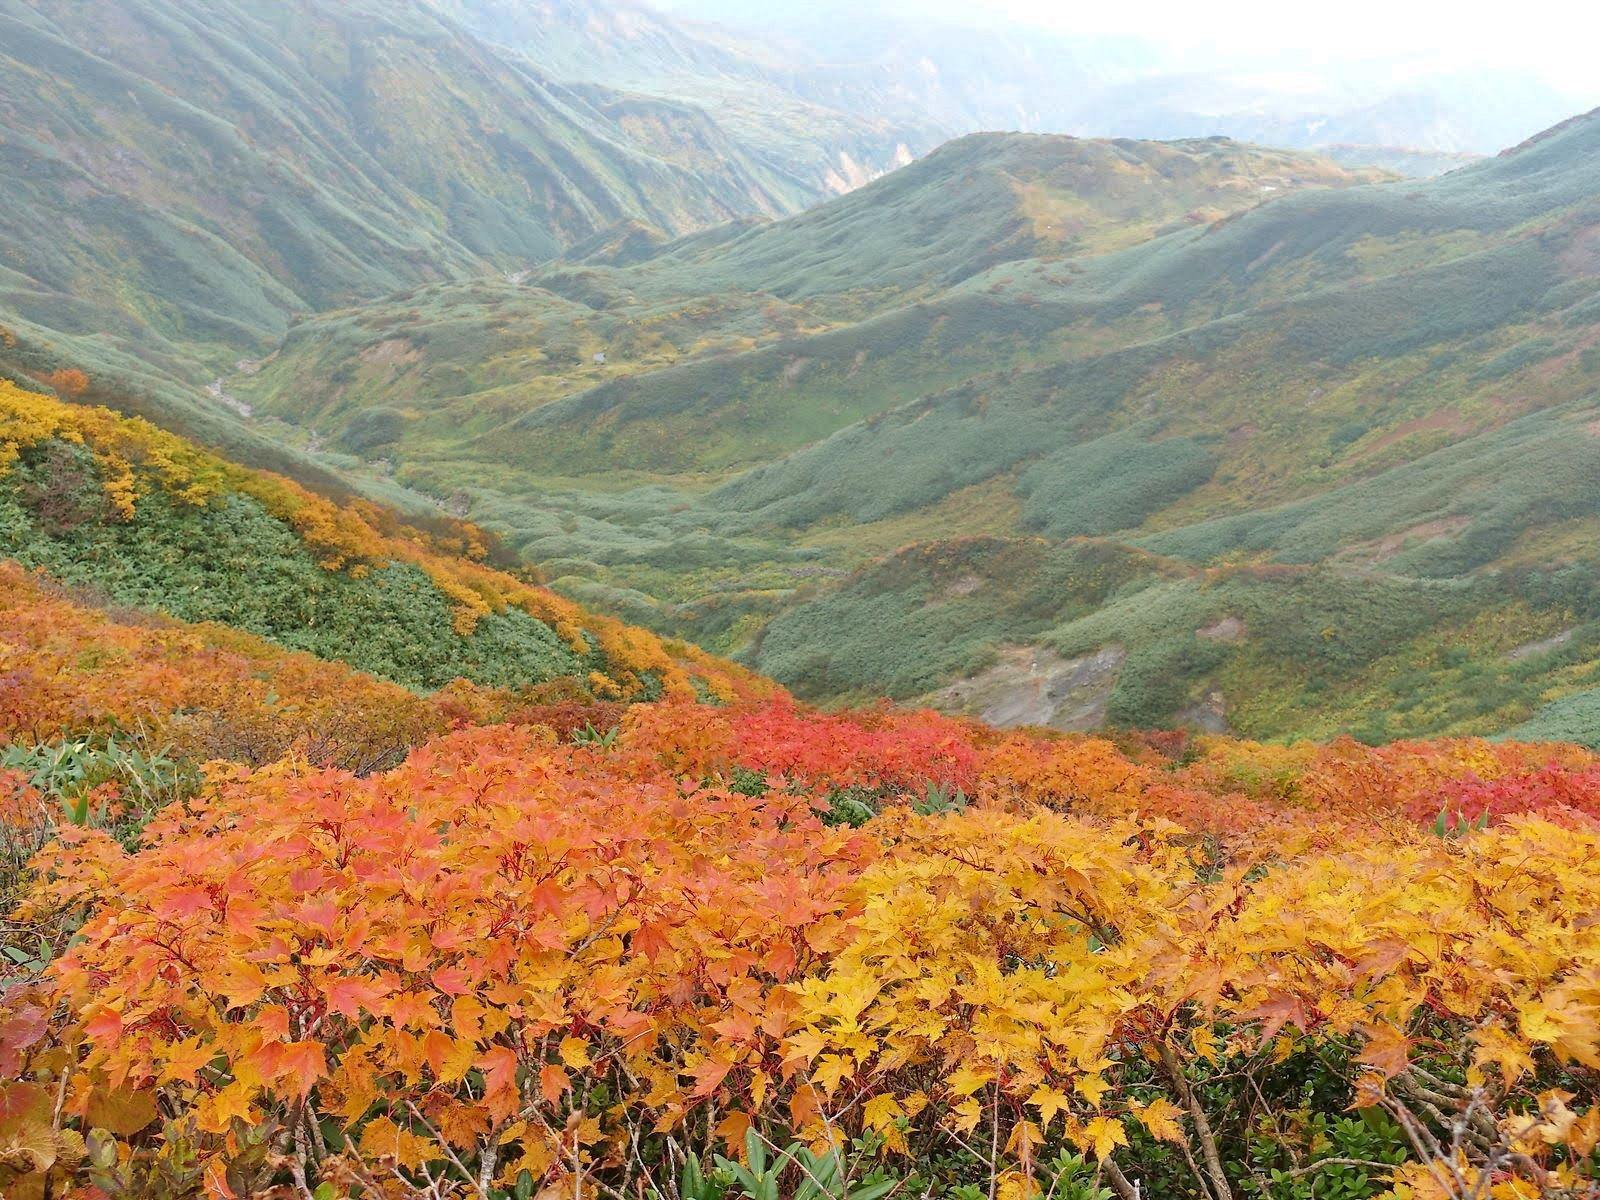 【まとめ】山形県 秋のドライブ・散策はここで決まり! 紅葉名所 おすすめ10選 (2020年度版)